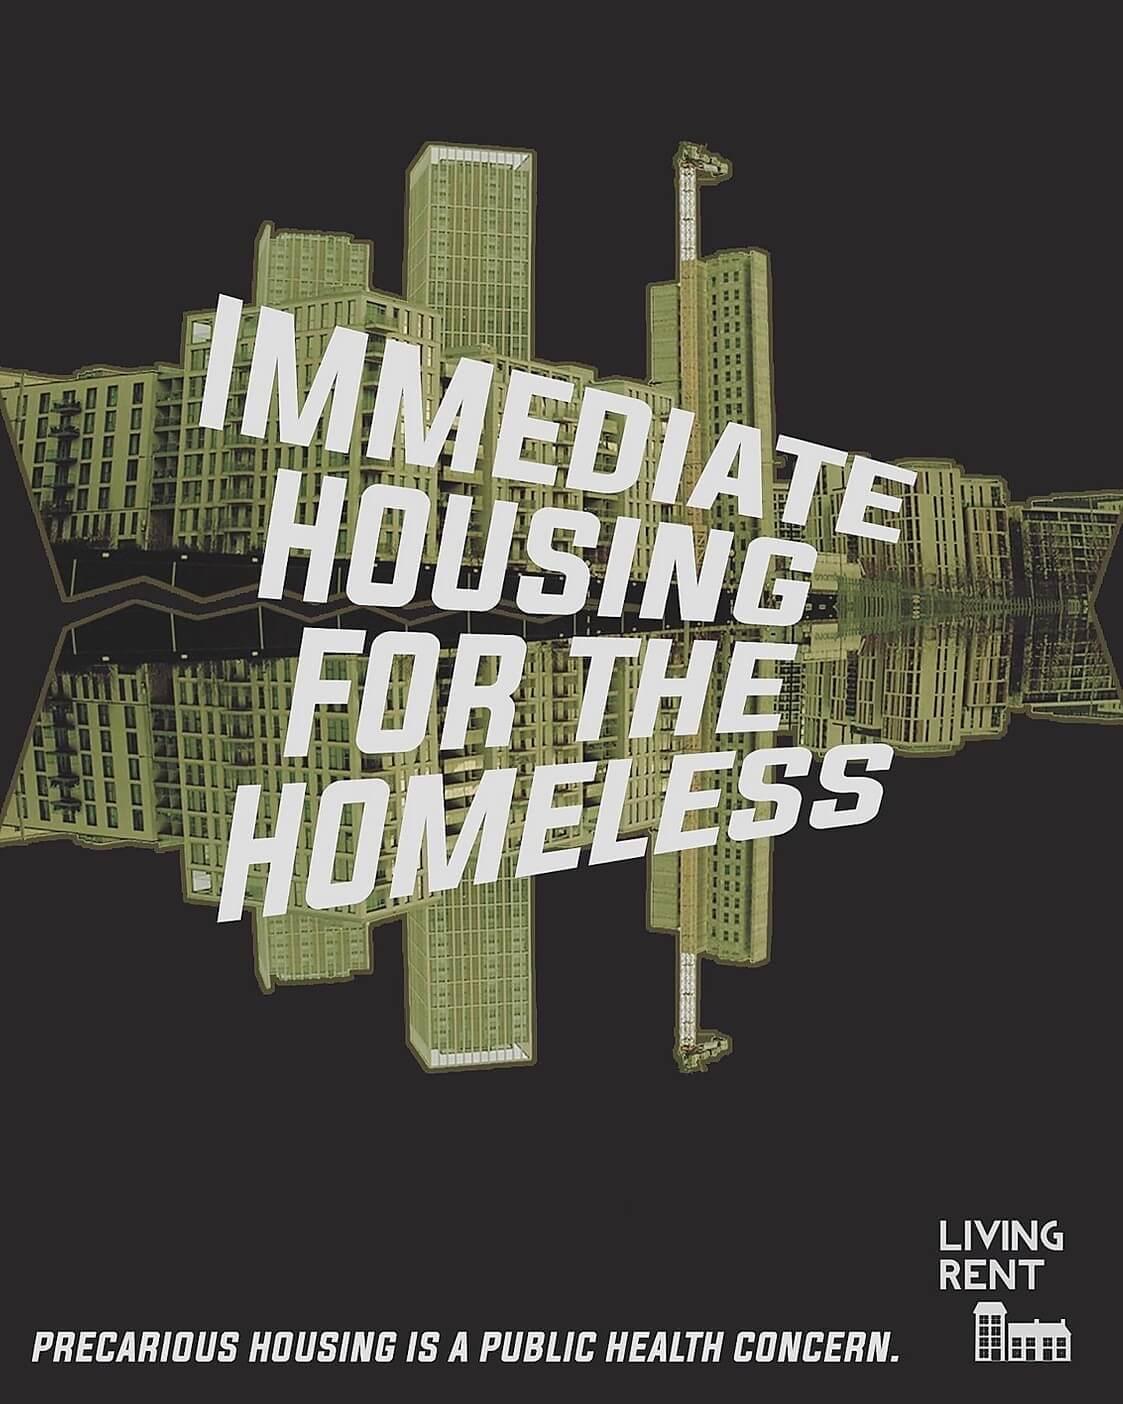 Immediate Housing For the Homeless Poster